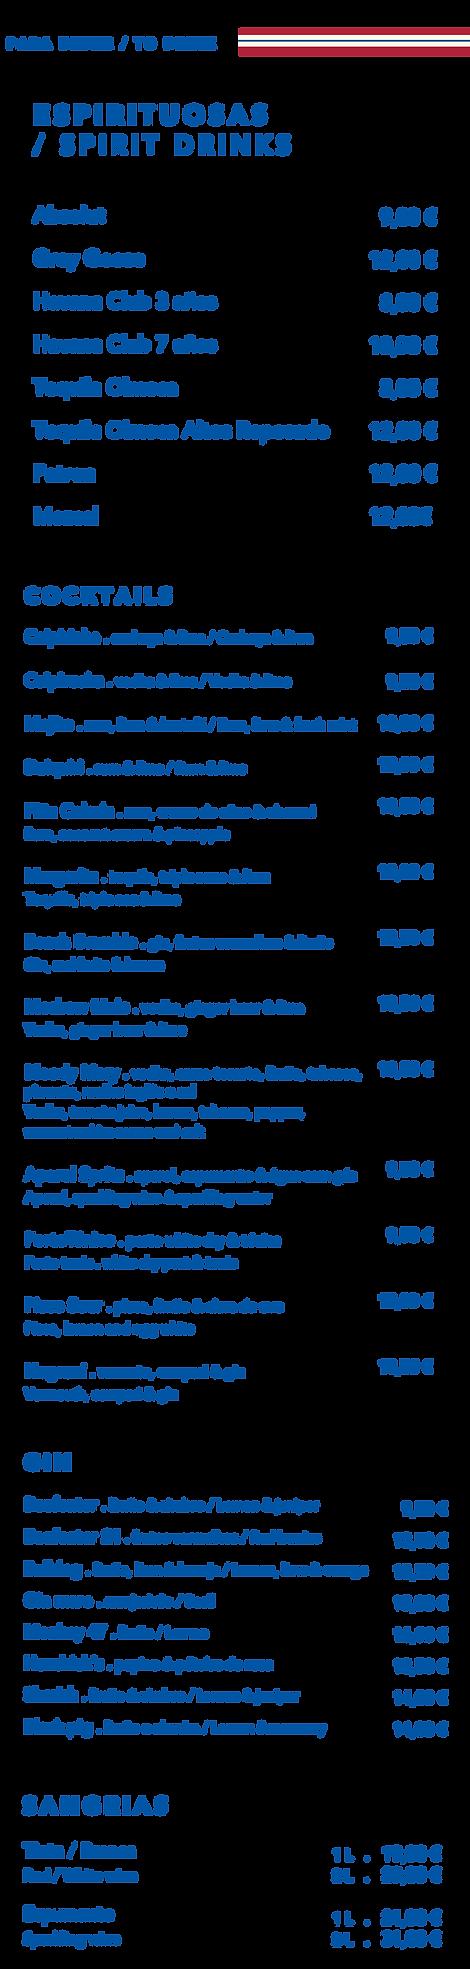 sal_menu_4.png